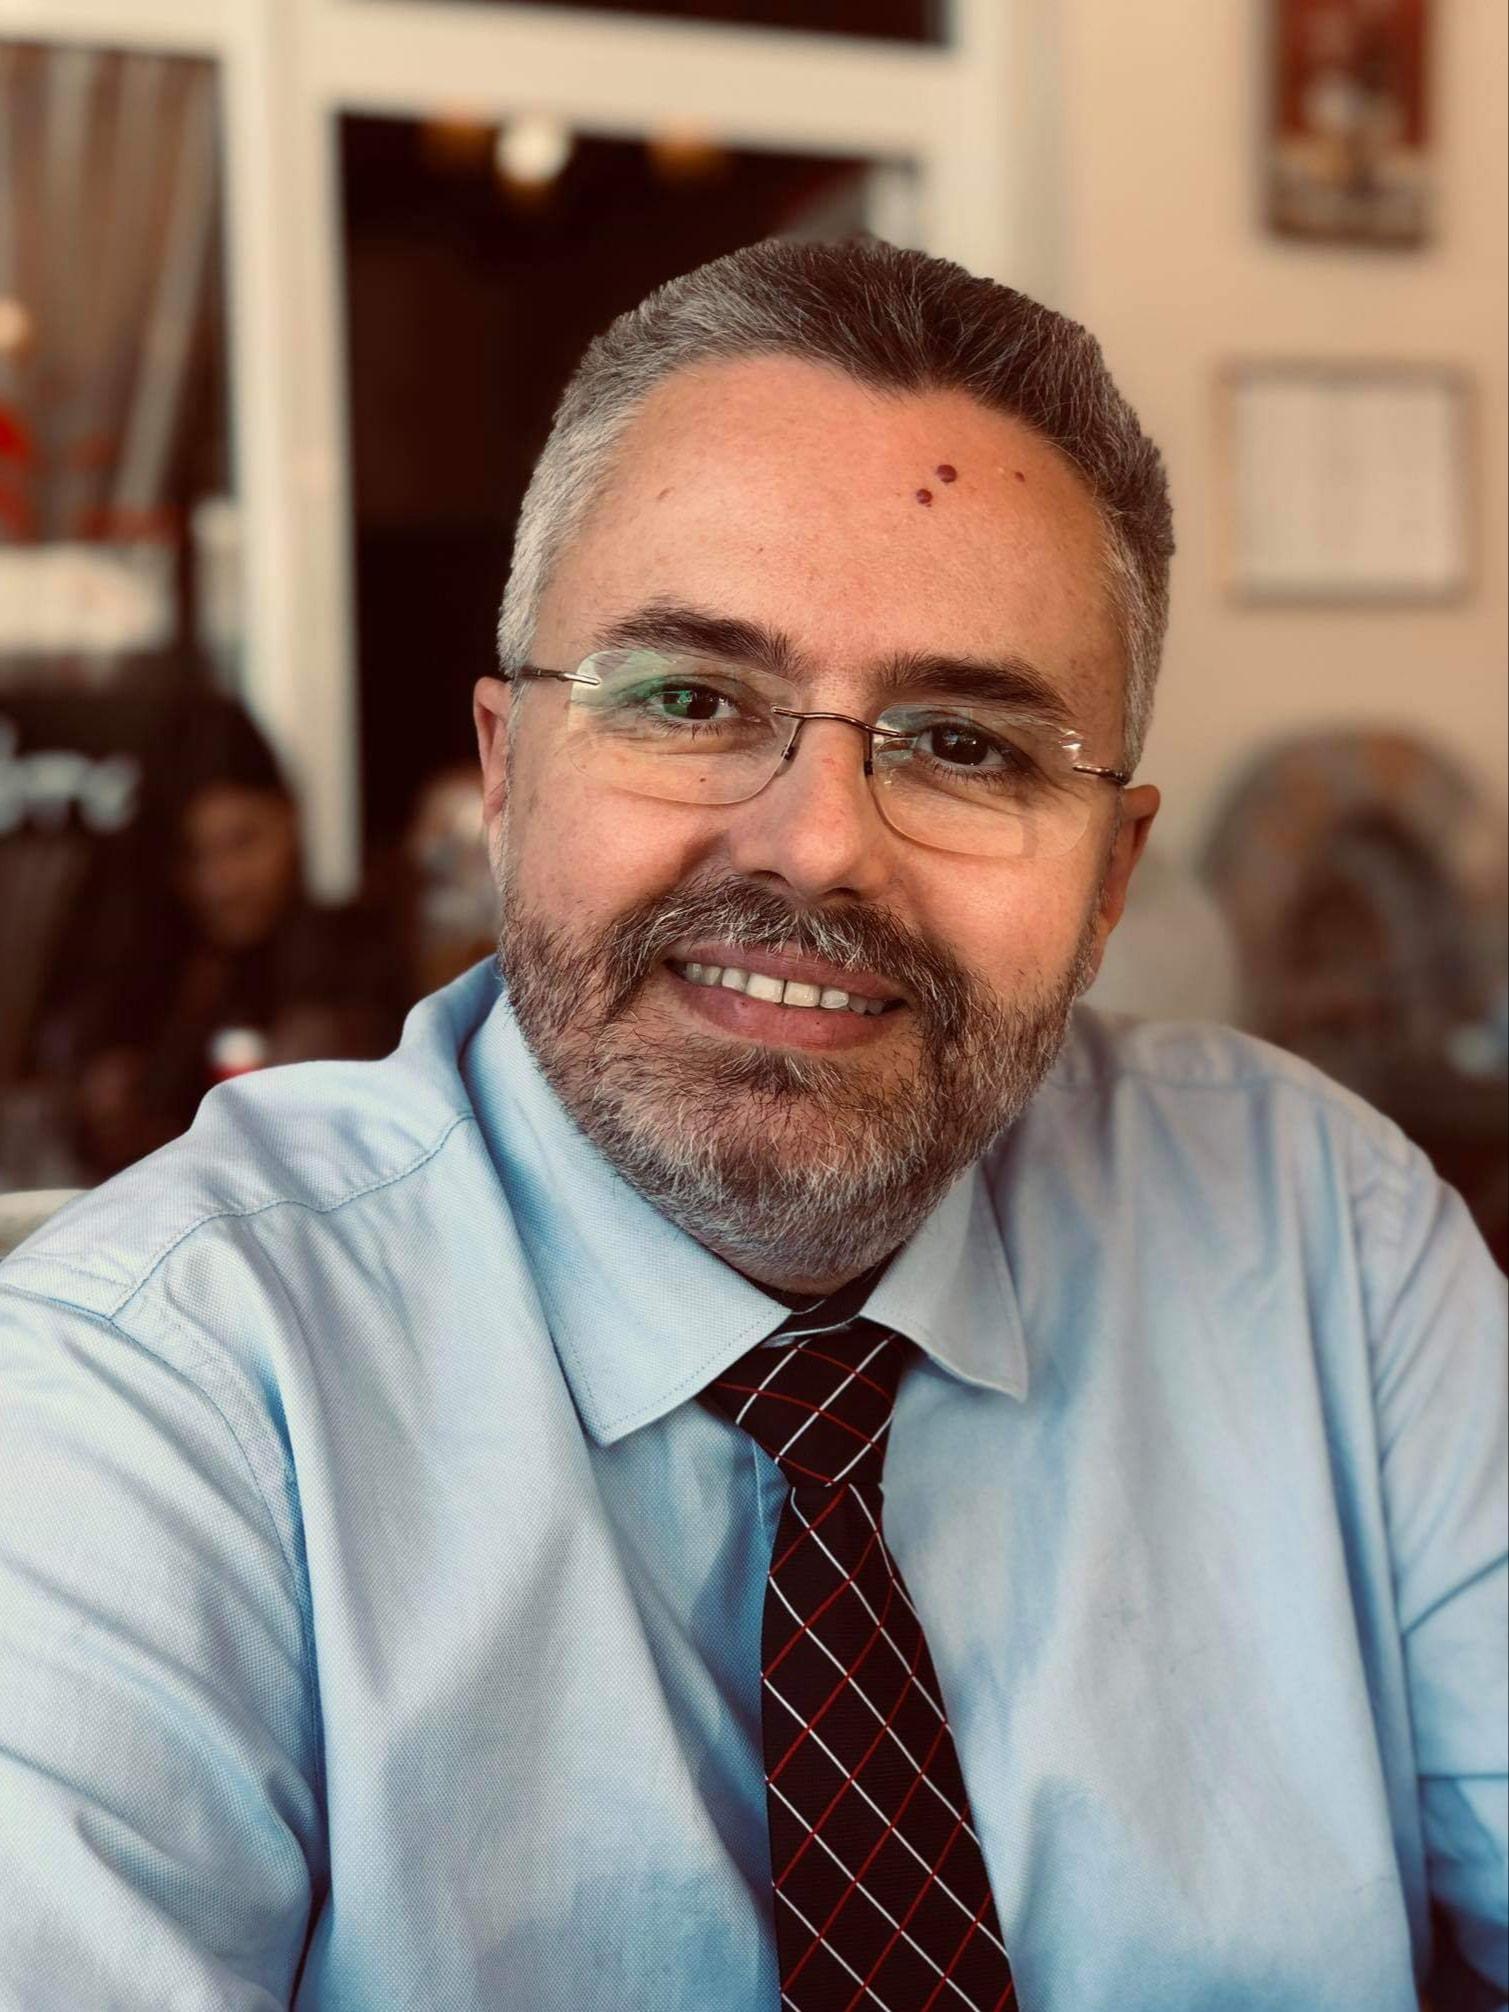 «Ιωάννης Παπαγιάννης: Σιγά που ενδιαφέρονται για την Παιδεία και τα παιδιά μας»